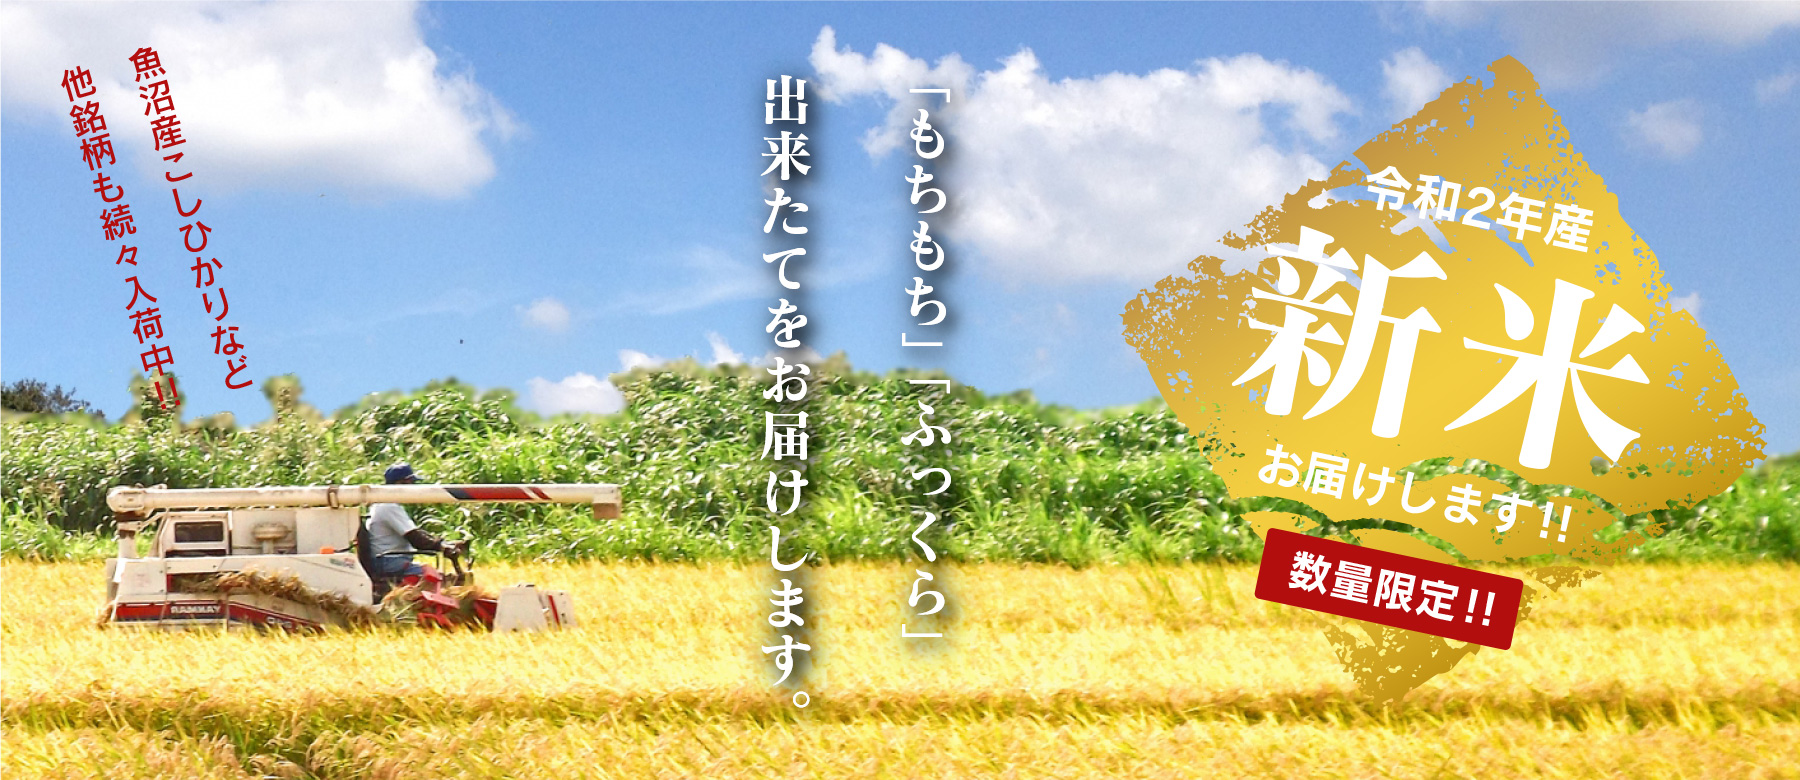 【2020年】令和2年産 新米(玄米) 販売開始のお知らせ